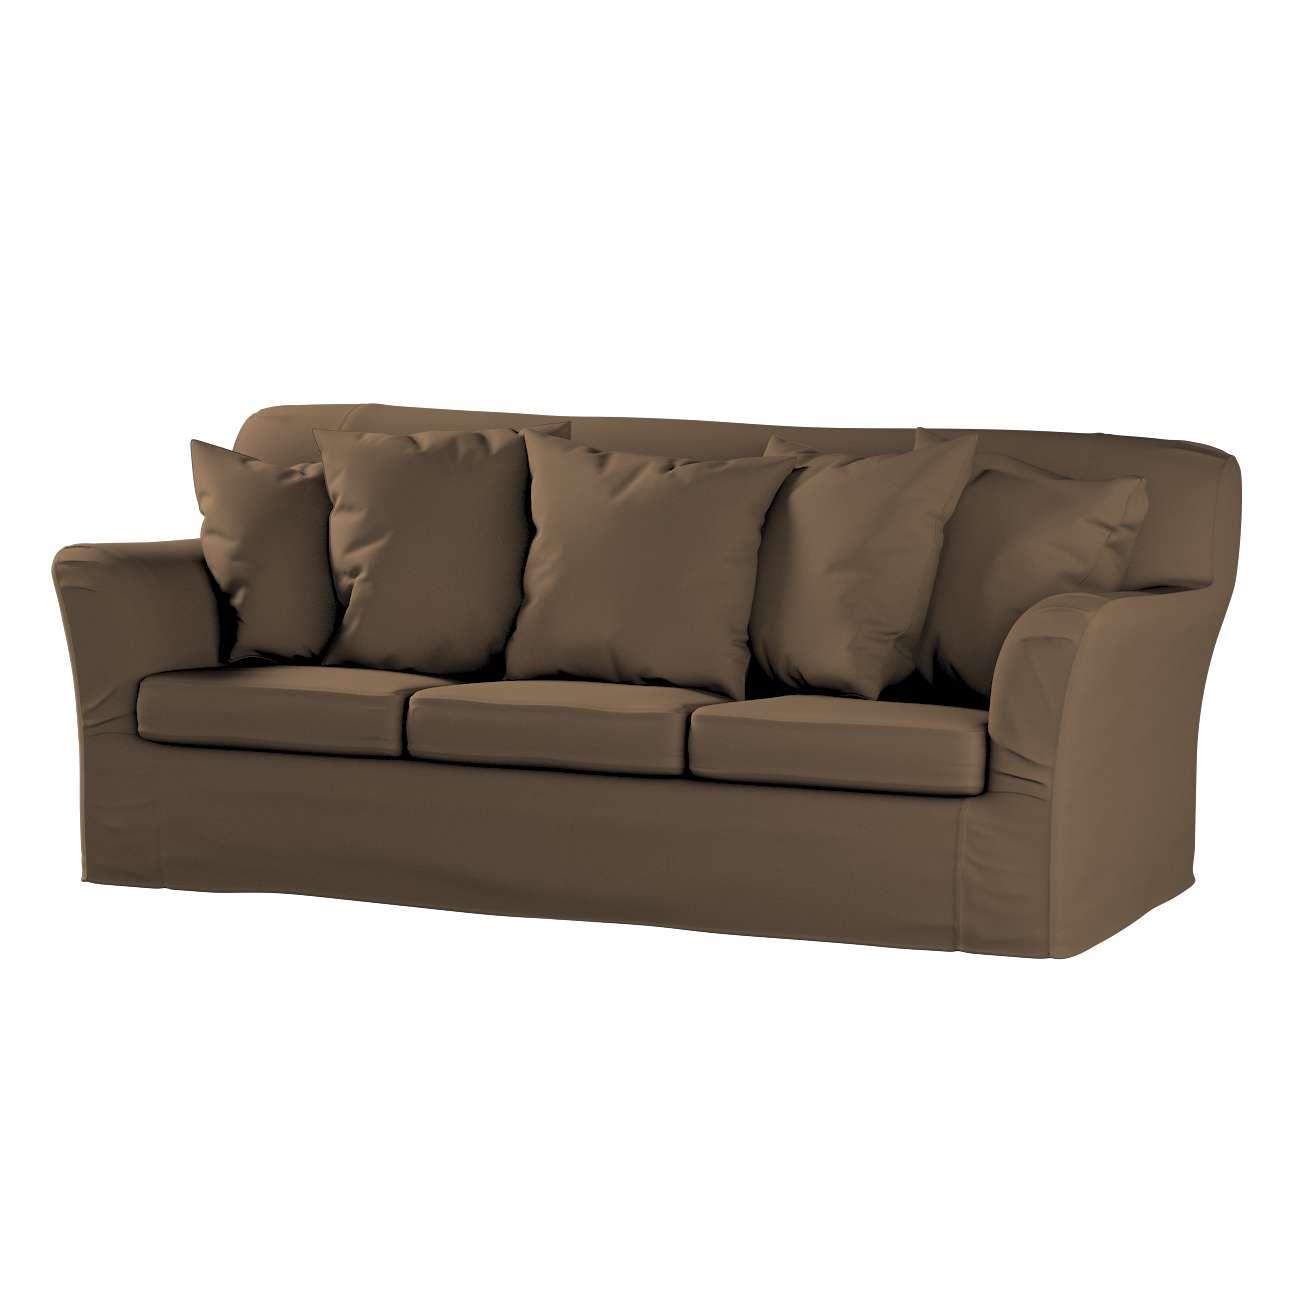 Tomelilla 3-Sitzer Sofabezug nicht ausklappbar Sofahusse, Tomelilla 3-Sitzer von der Kollektion Cotton Panama, Stoff: 702-02